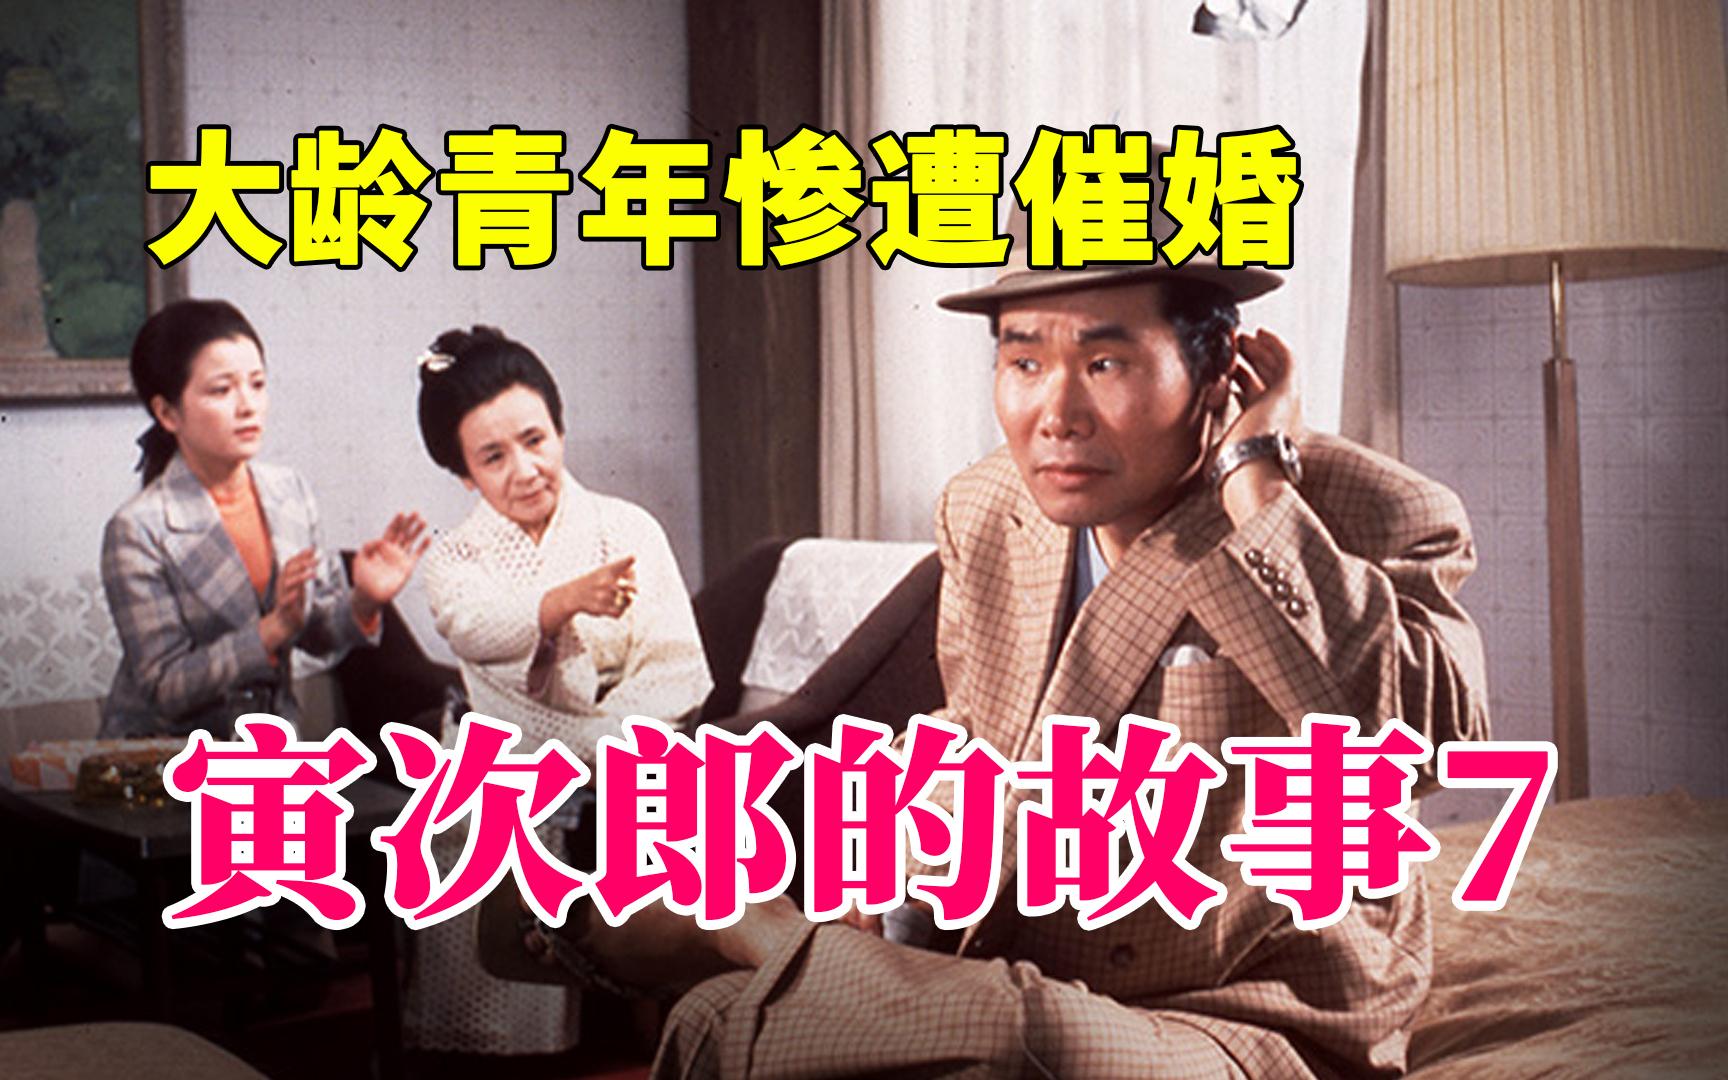 【非花映镜】《寅次郎的故事》第7话:整日游手好闲不正干,看谁愿意嫁给你!